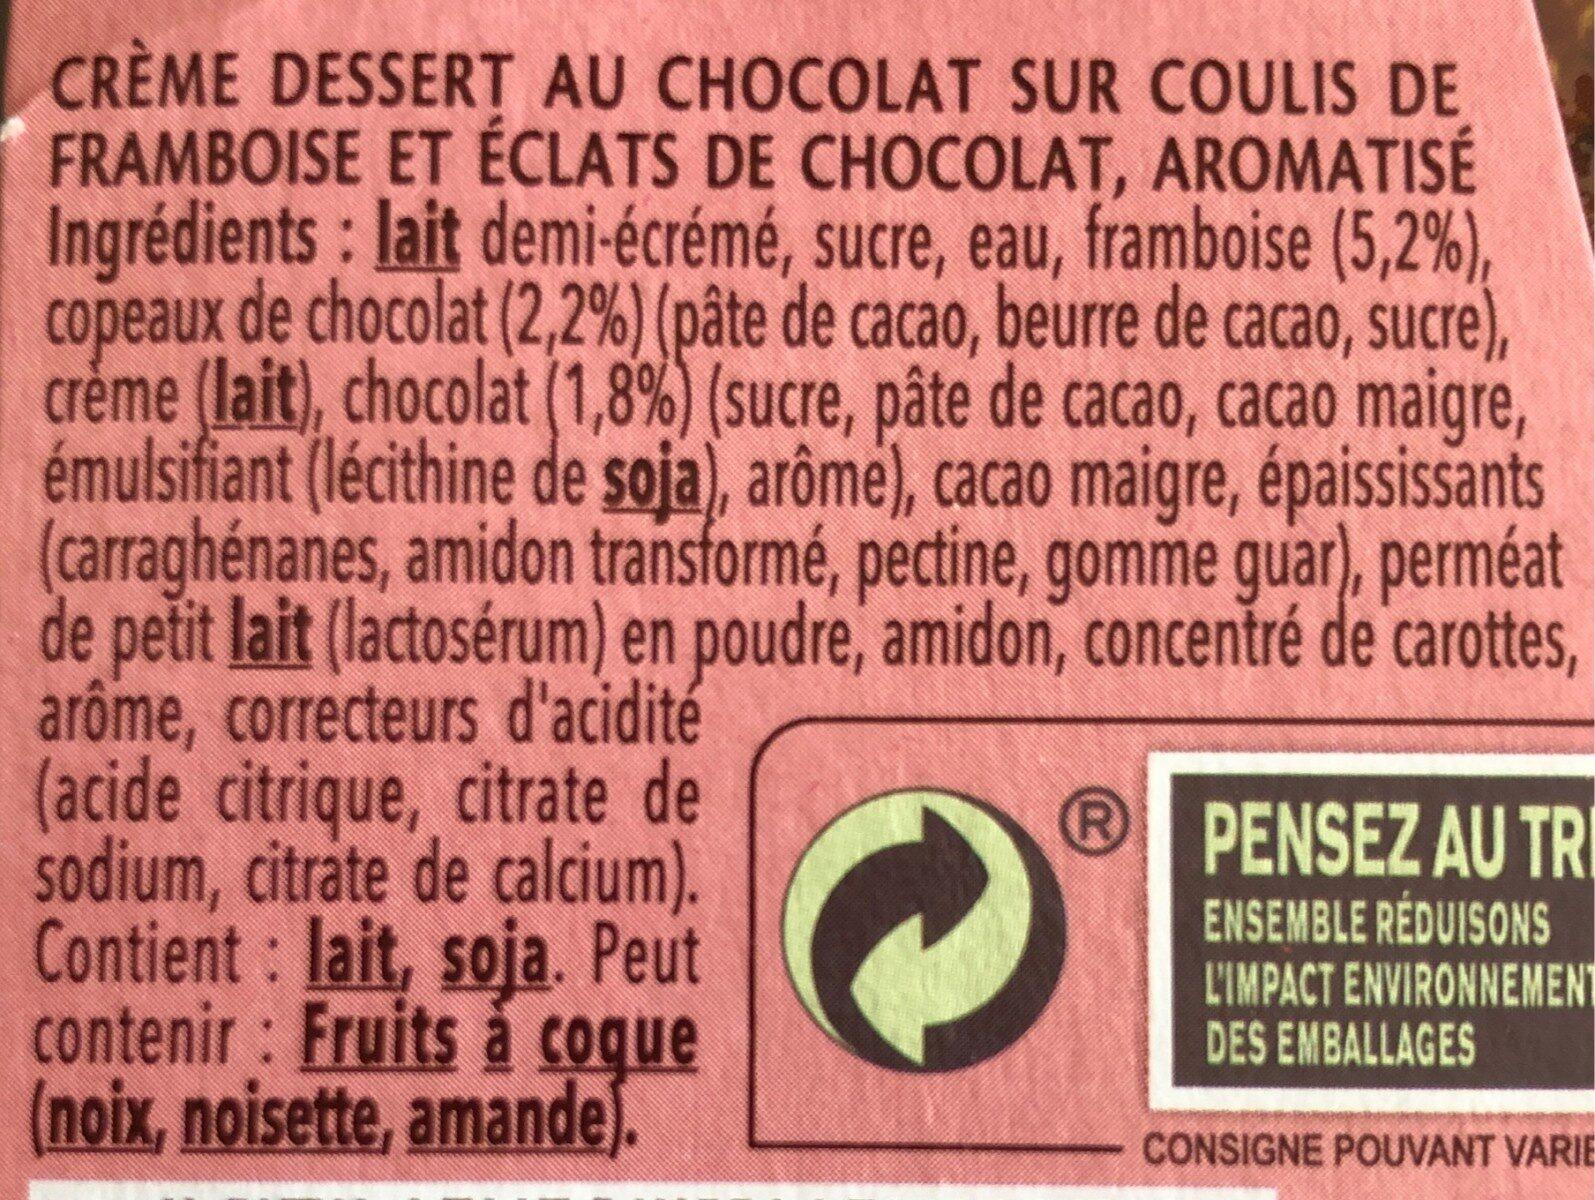 Danette & Fruit sur coulis de framboise et éclats de chocolat - Ingrediënten - fr